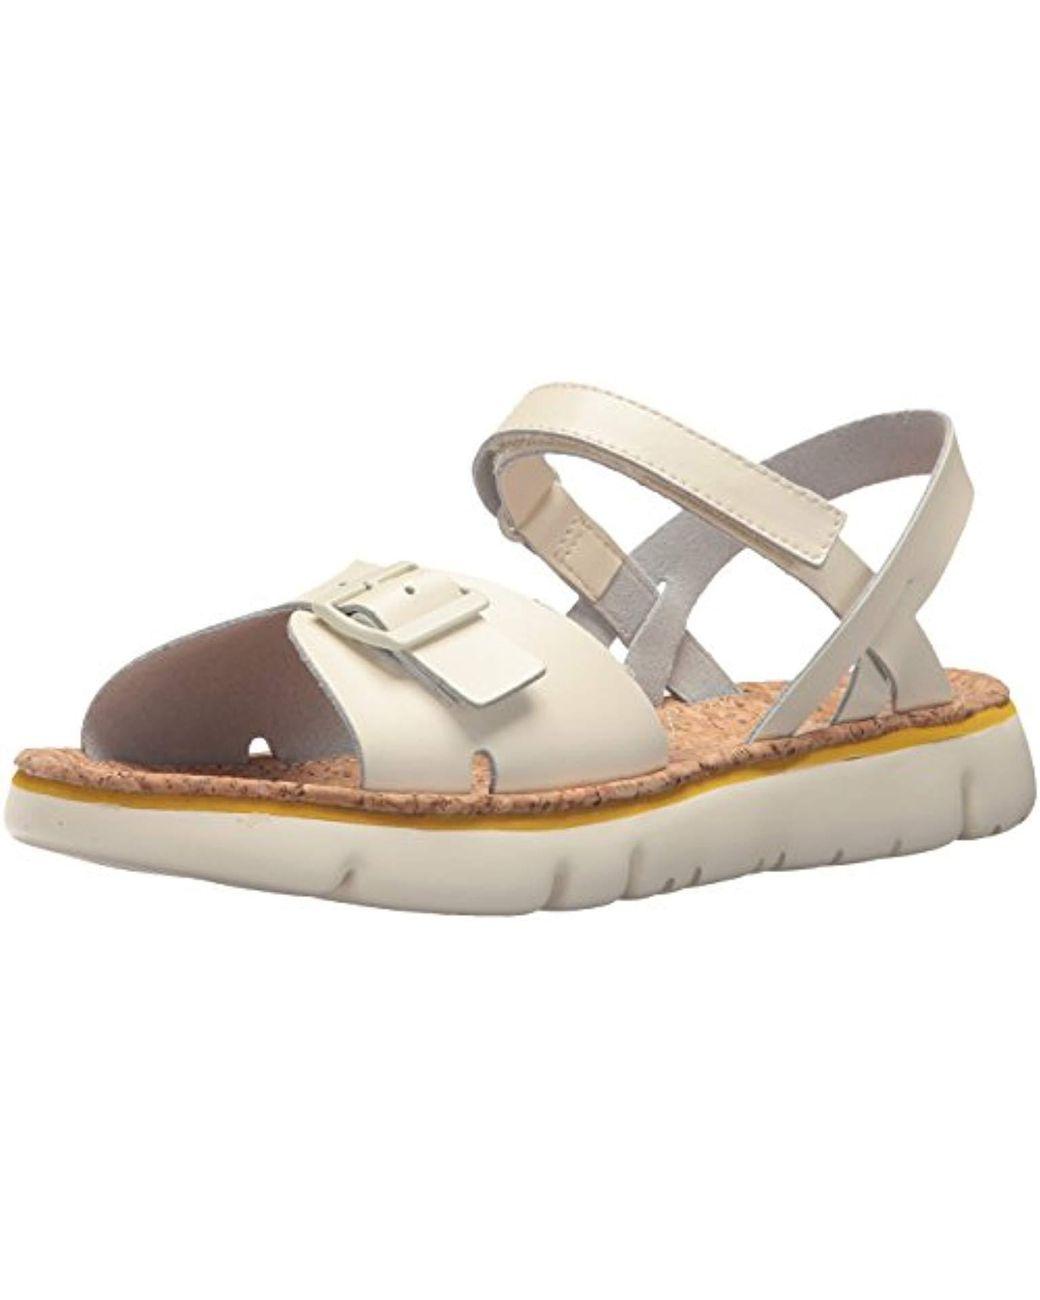 adc5add25881 Lyst - Camper Oruga Sandal K200631 Flat in White - Save 29%